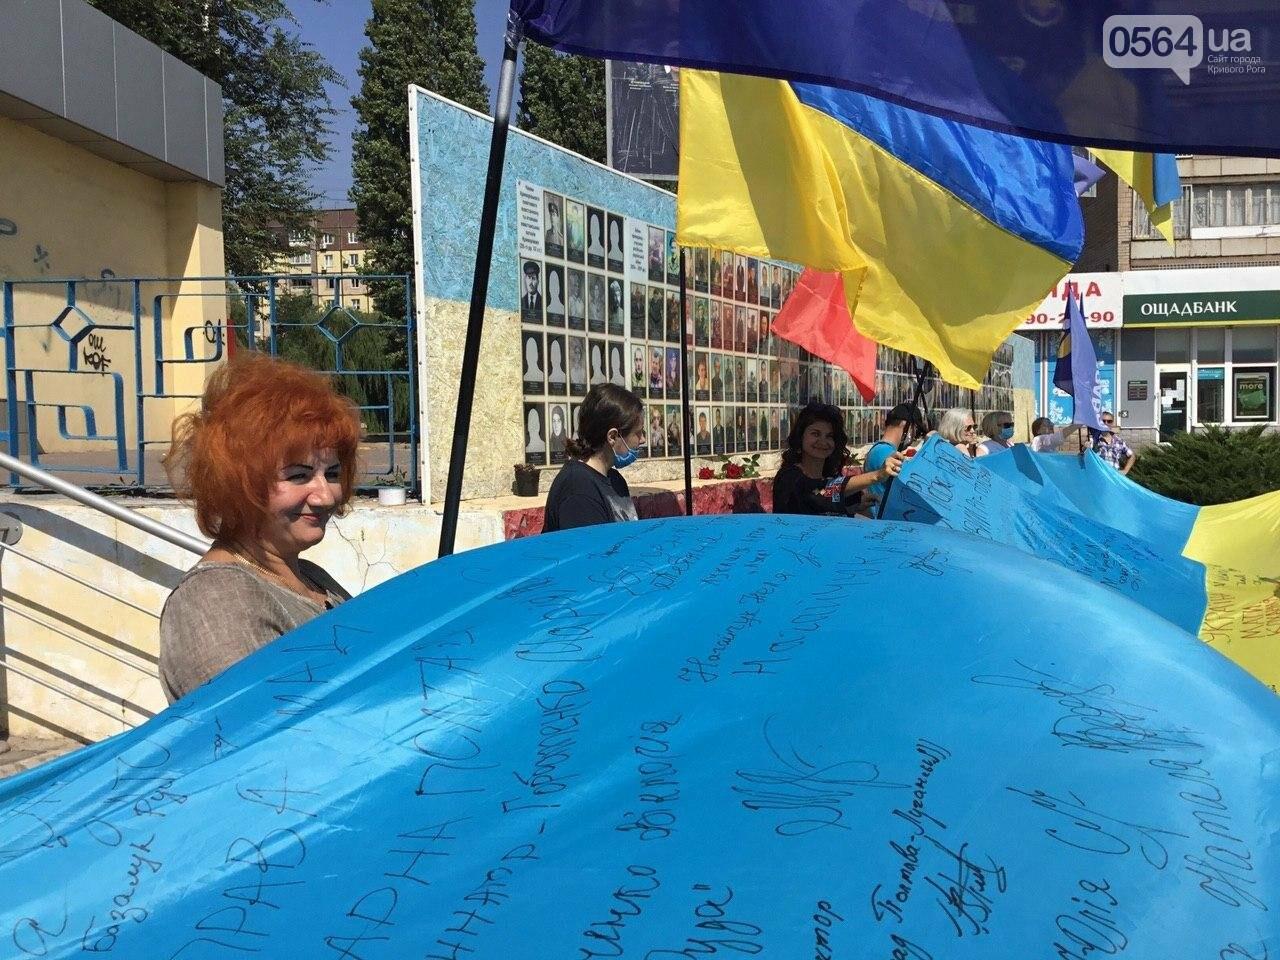 """""""Українці - брати, Разом ми - сила!"""", - какие пожелания и призывы написали криворожане на Знамени Единства, - ФОТО, ВИДЕО, фото-31"""